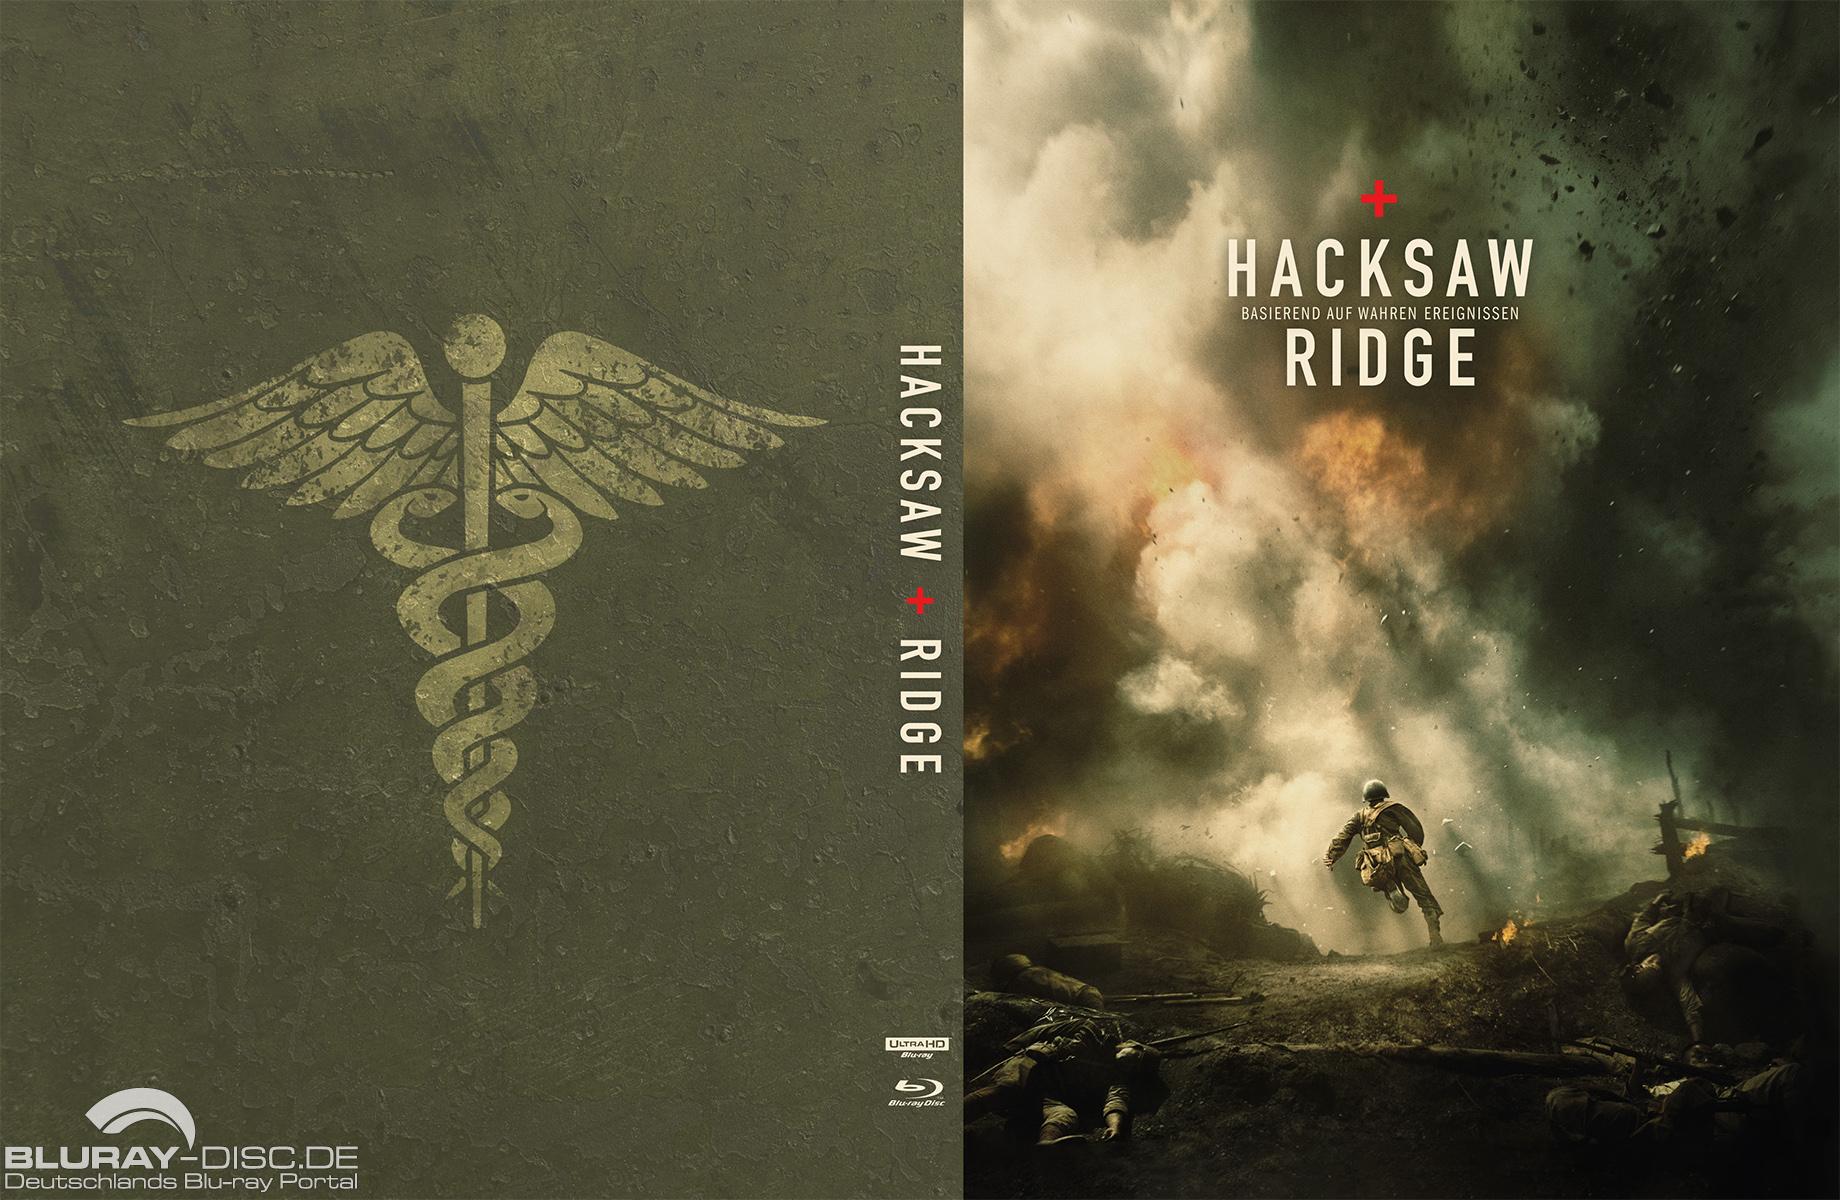 Hacksaw_Ridge_Galerie_4K_Mediabook_Cover_B_02.jpg